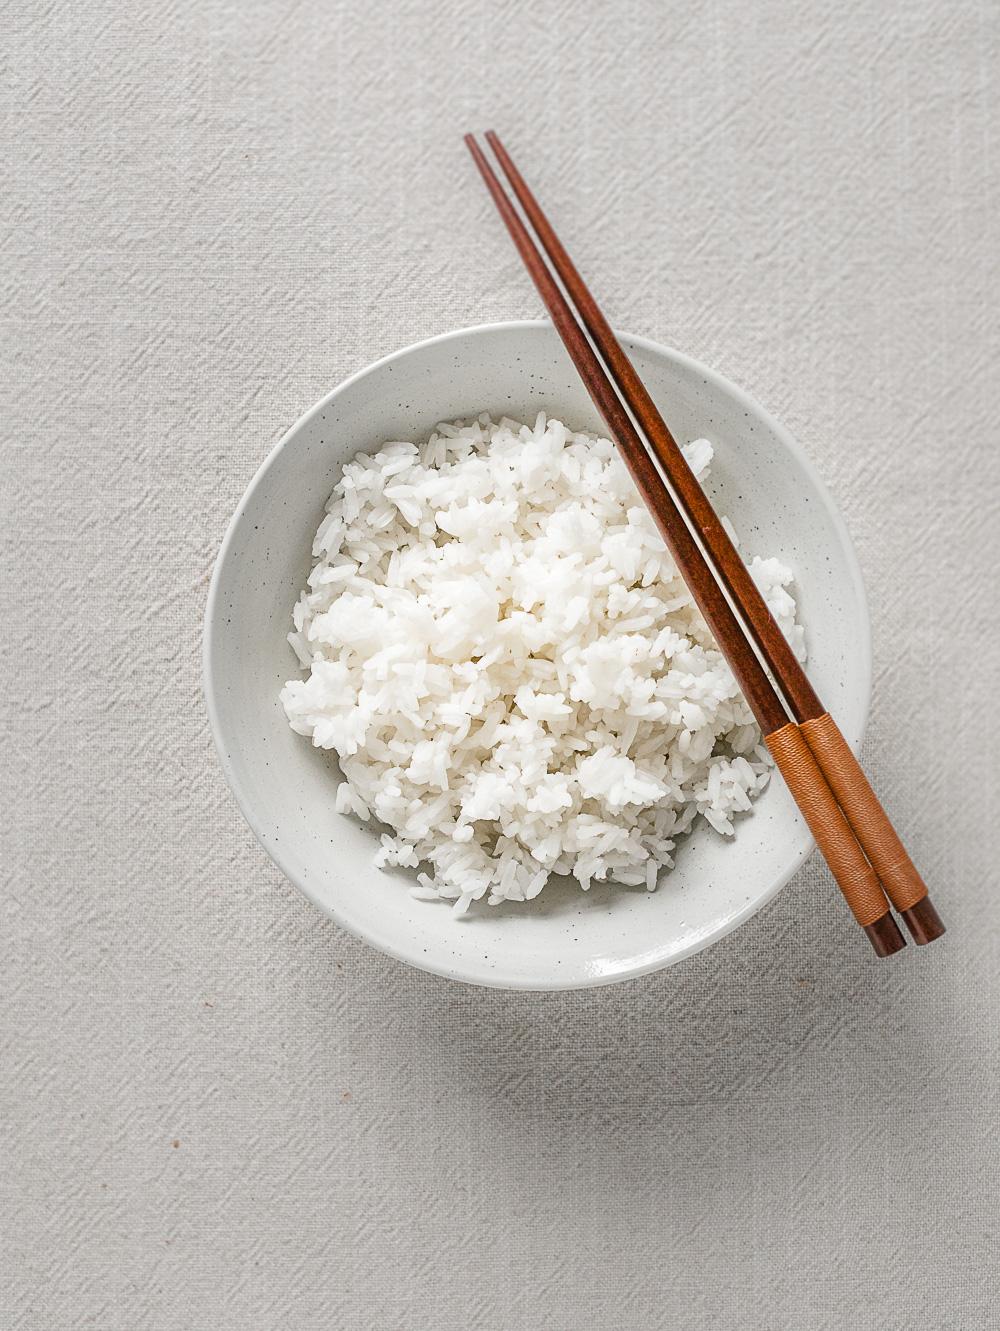 Kook zelf elke keer fluffy en licht plakkerige jasmijnrijst (ook wel pandanrijst) met de volgende methode. Zonder rijstkoker.